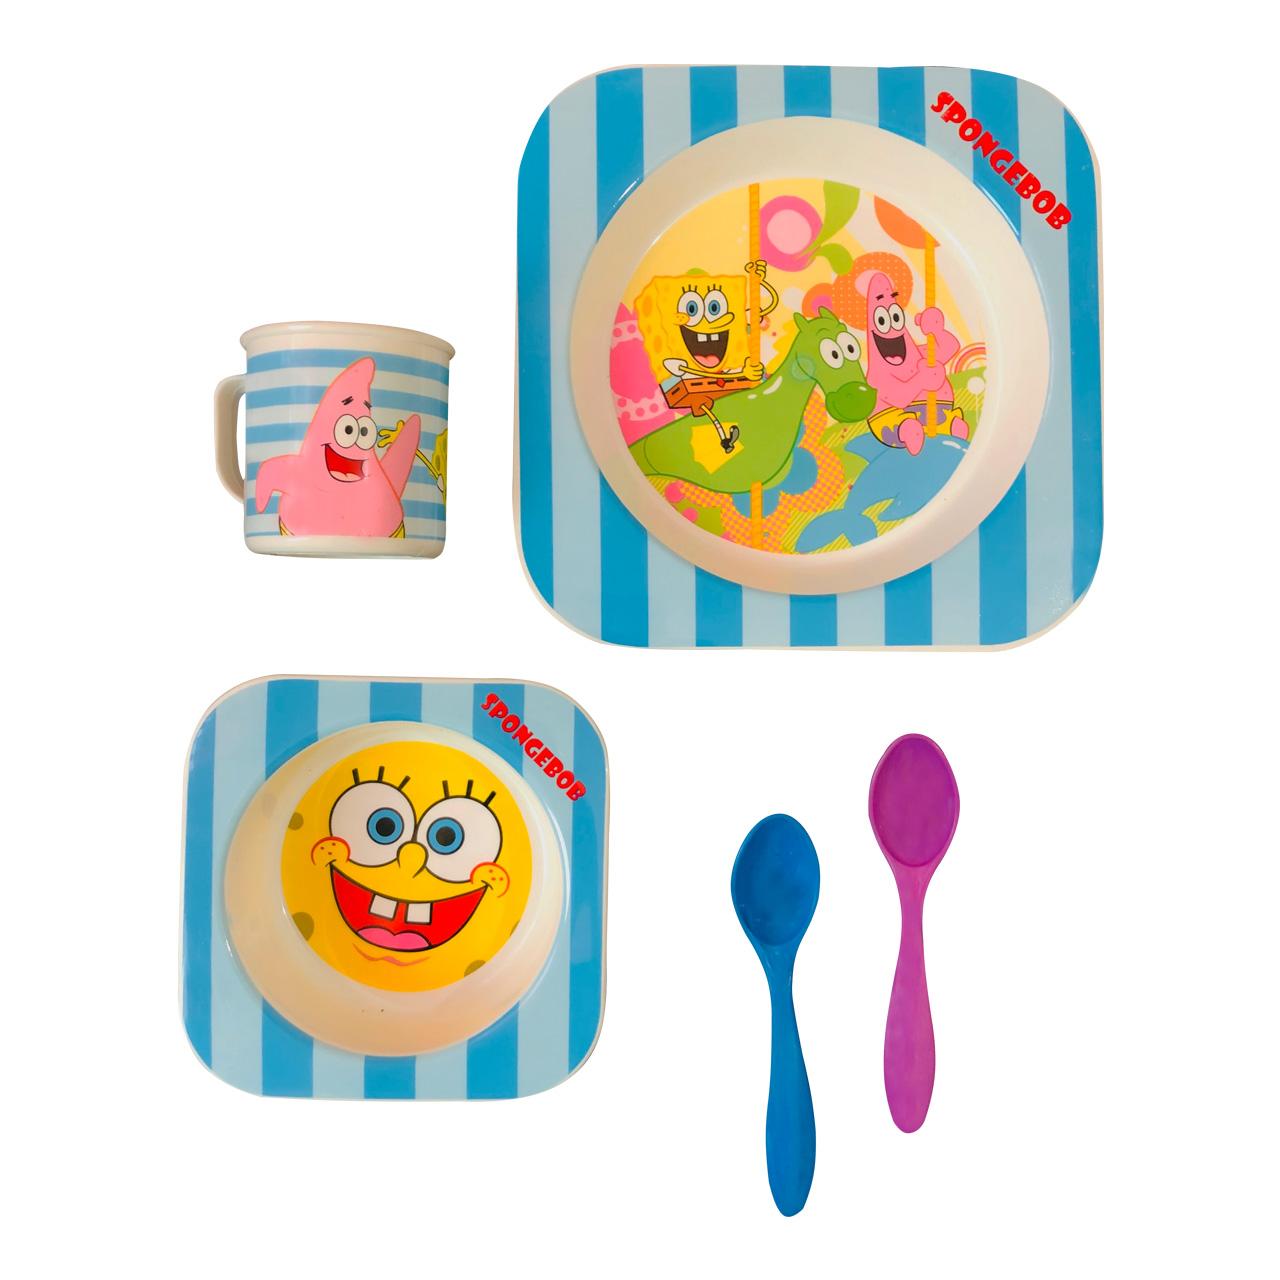 ظرف غذای 5 تکه کودک طرح باب اسفنجی کد SH-622